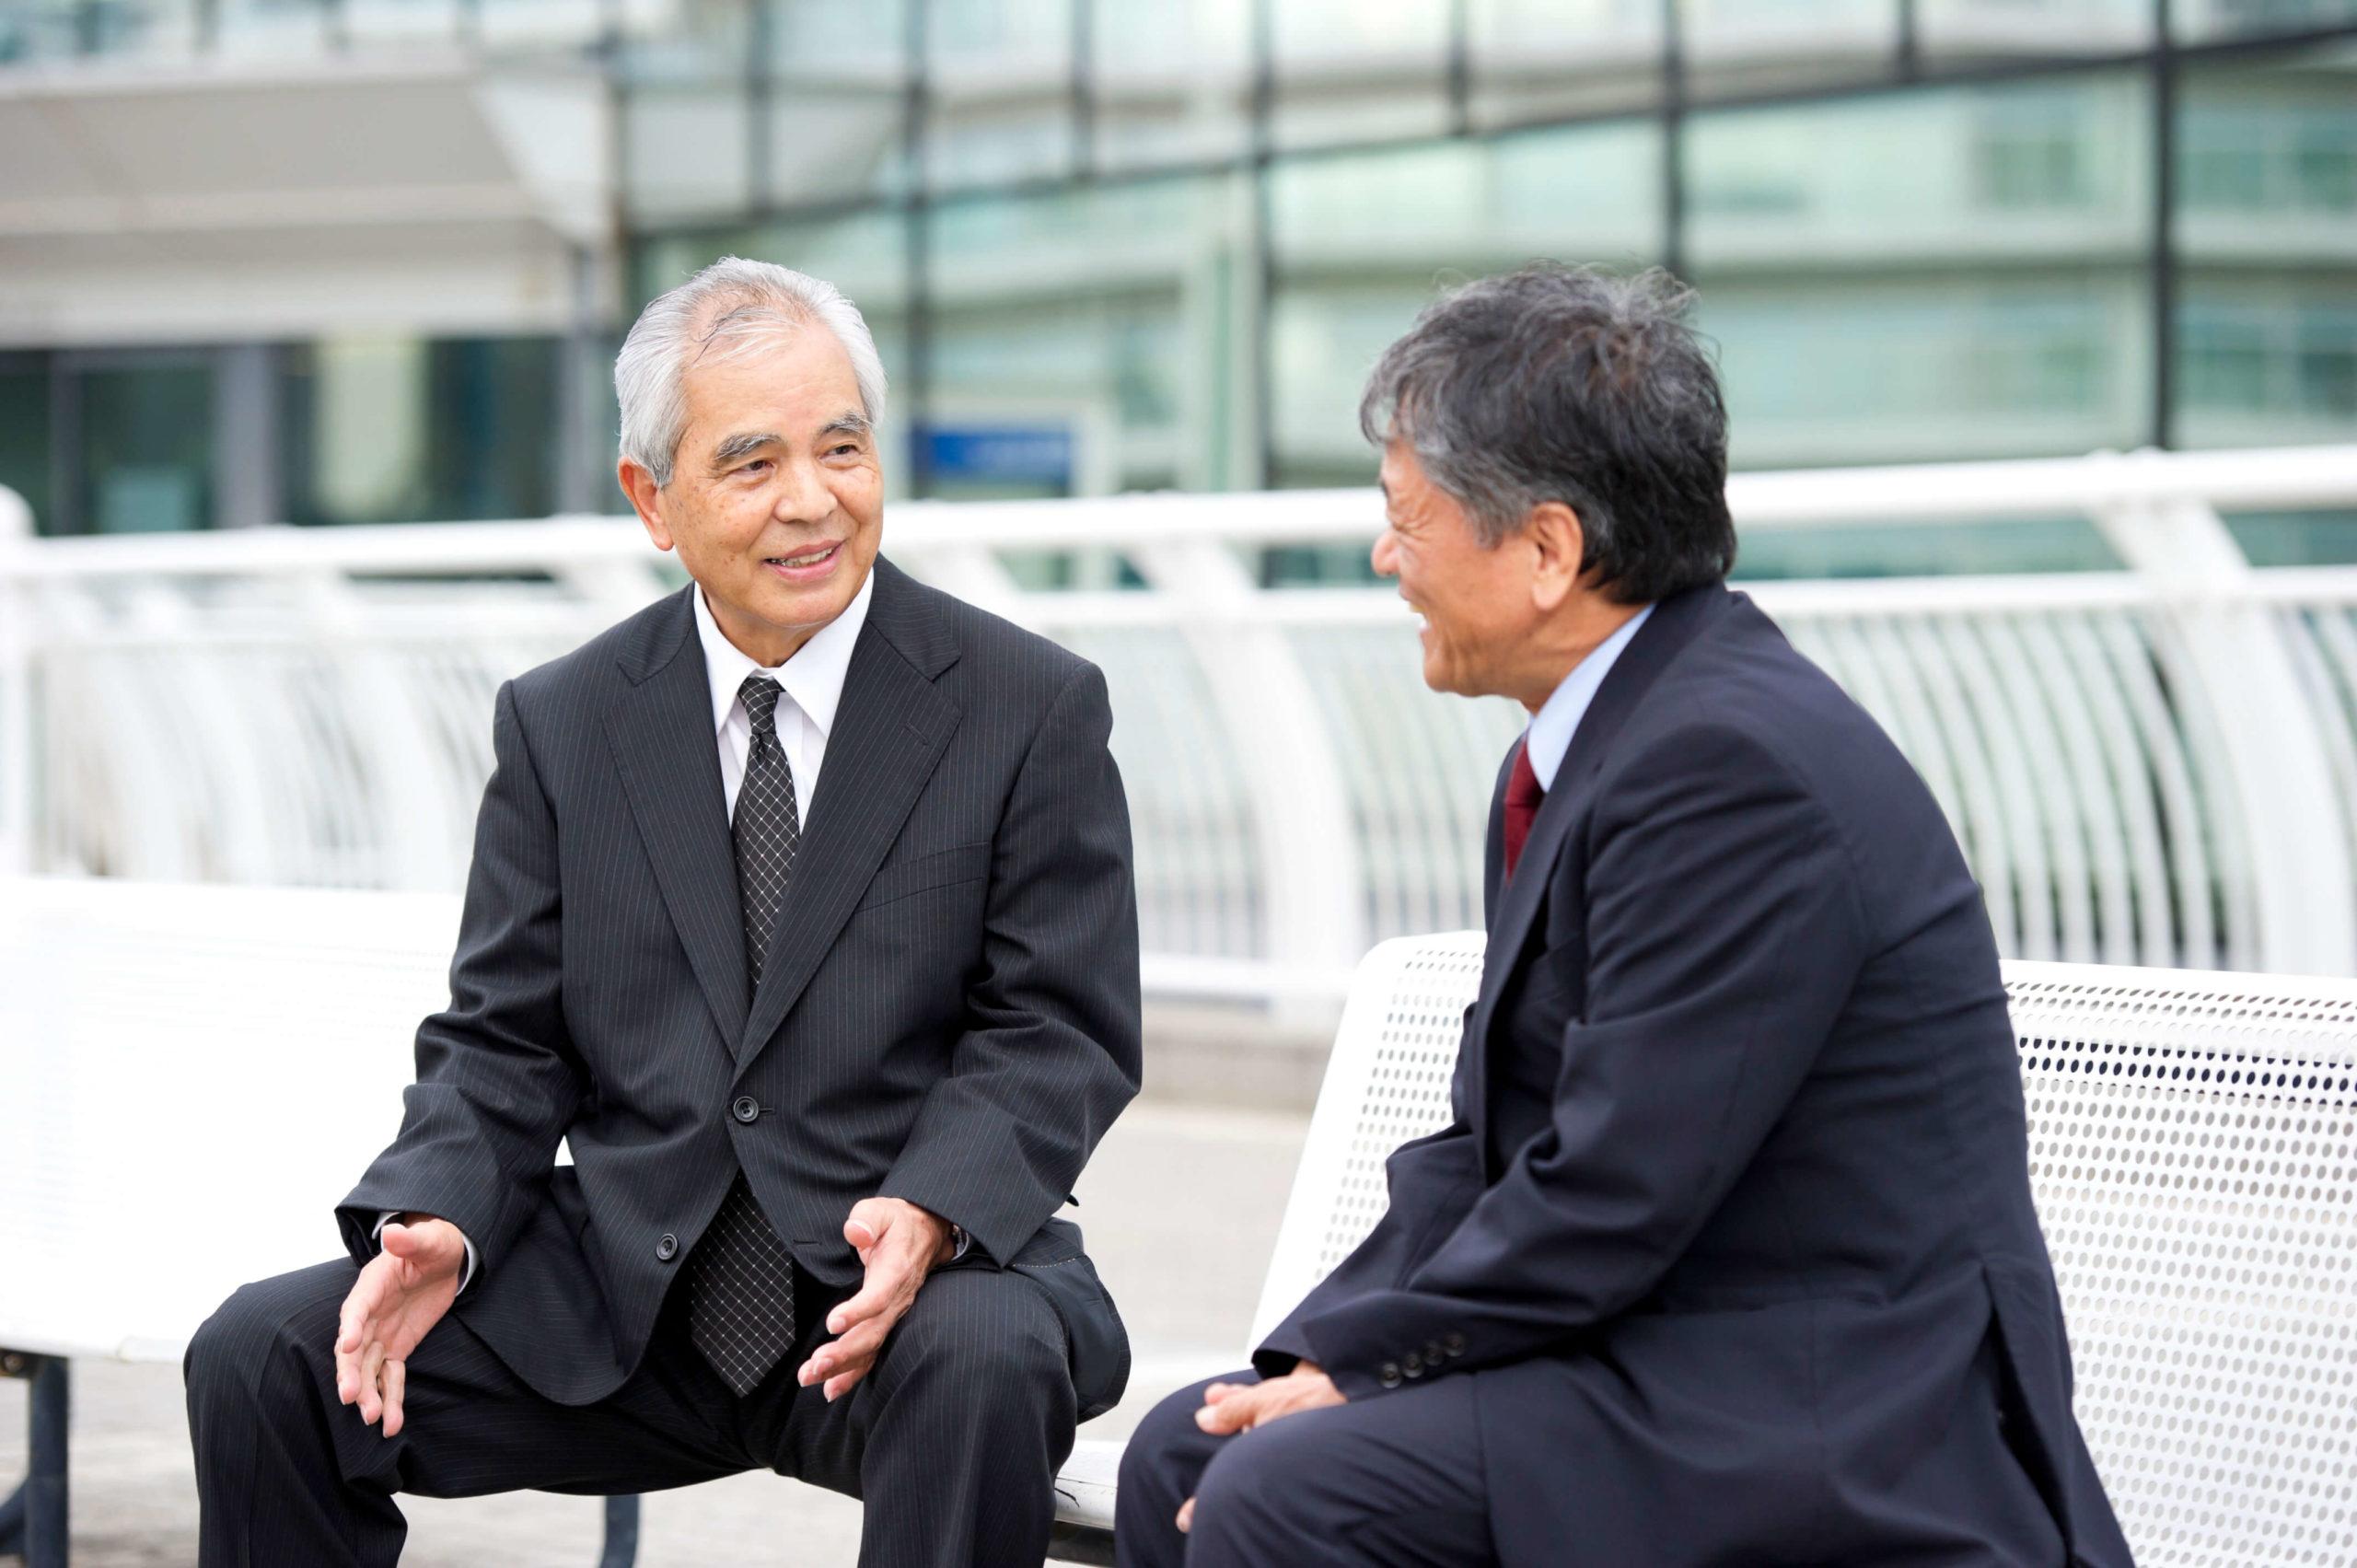 LIENS DE LOYAUTÉ SELON LE SYSTÈME SEMPAI/KOHAI JAPON